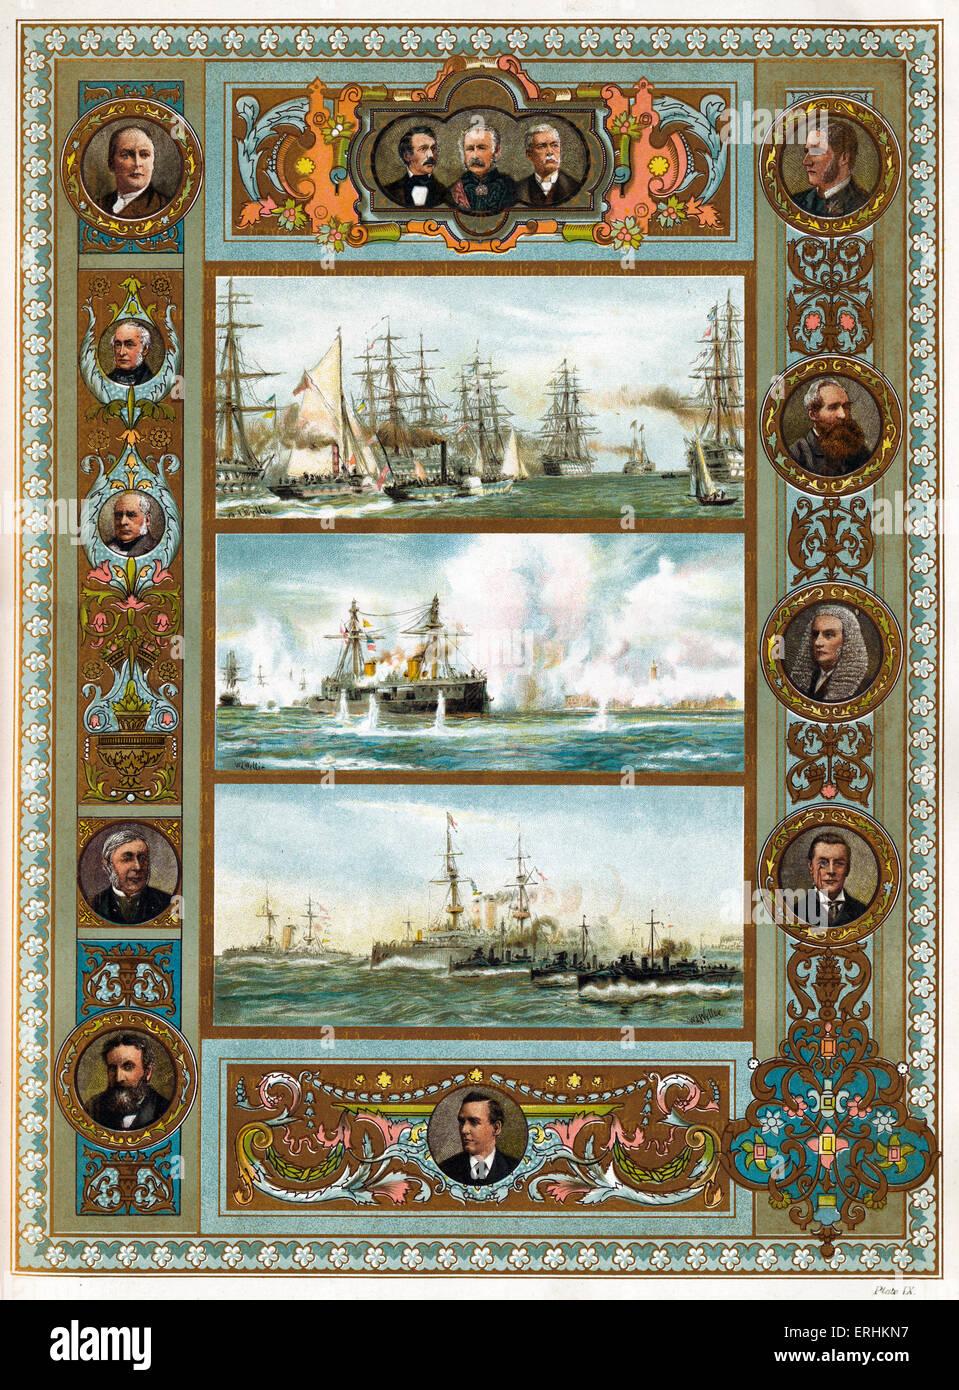 La marina militare in epoca vittoriana - Revisione navale a Spithead, 1855 (top), il bombardamento di Alessandria, Immagini Stock